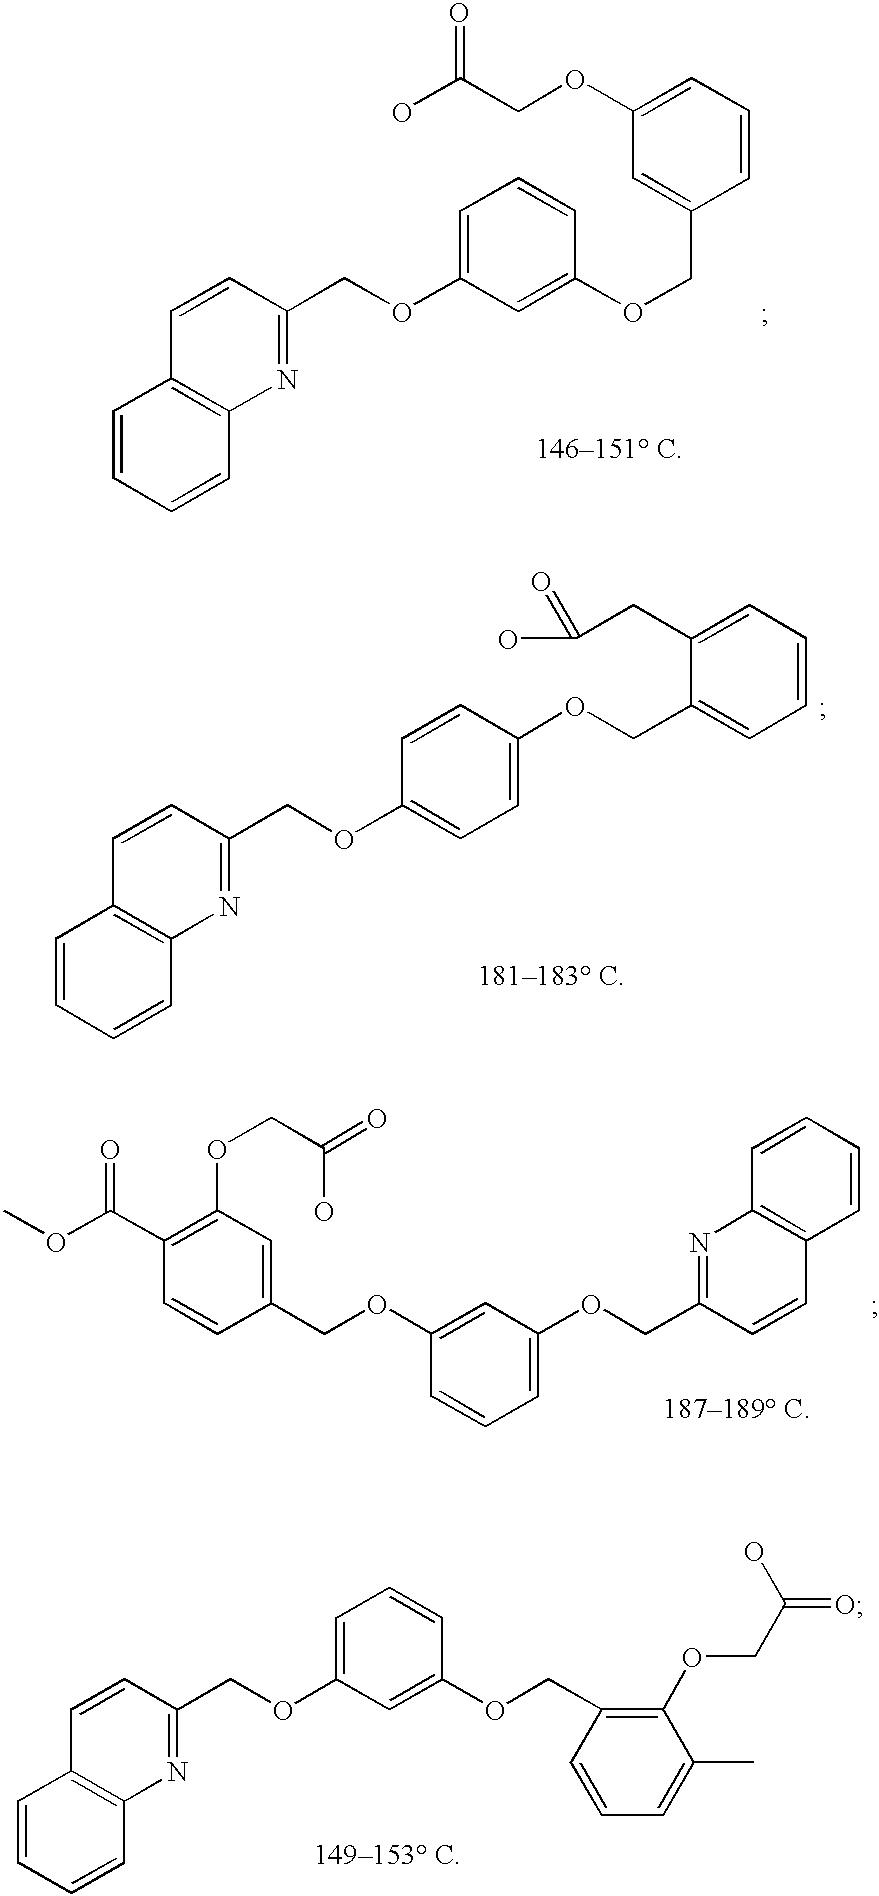 Figure US20030220373A1-20031127-C00305